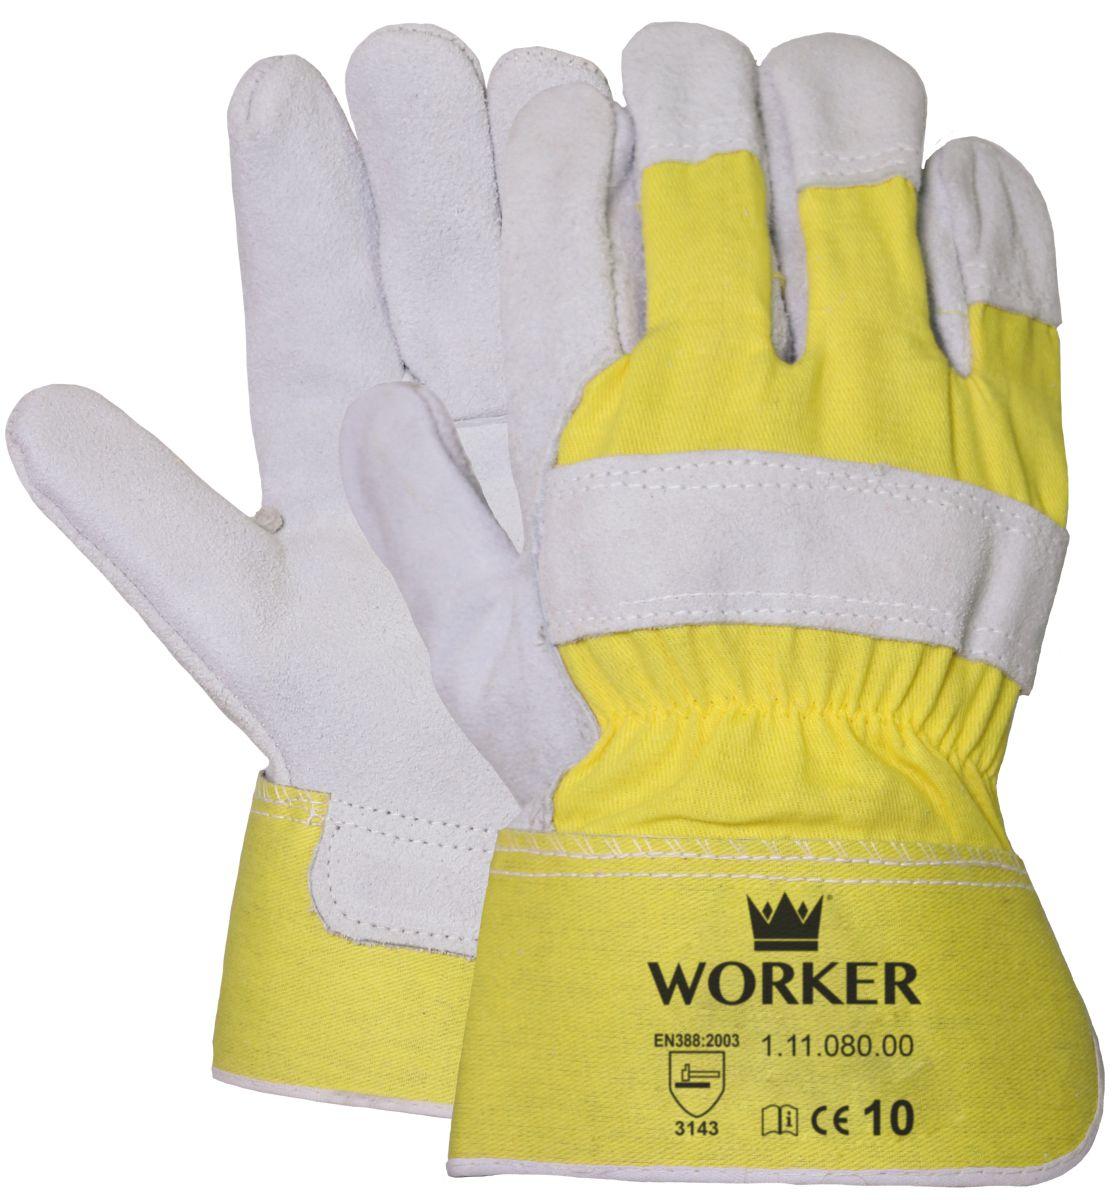 akwaliteit splitlederen handschoen zware kwaliteit 1 paar